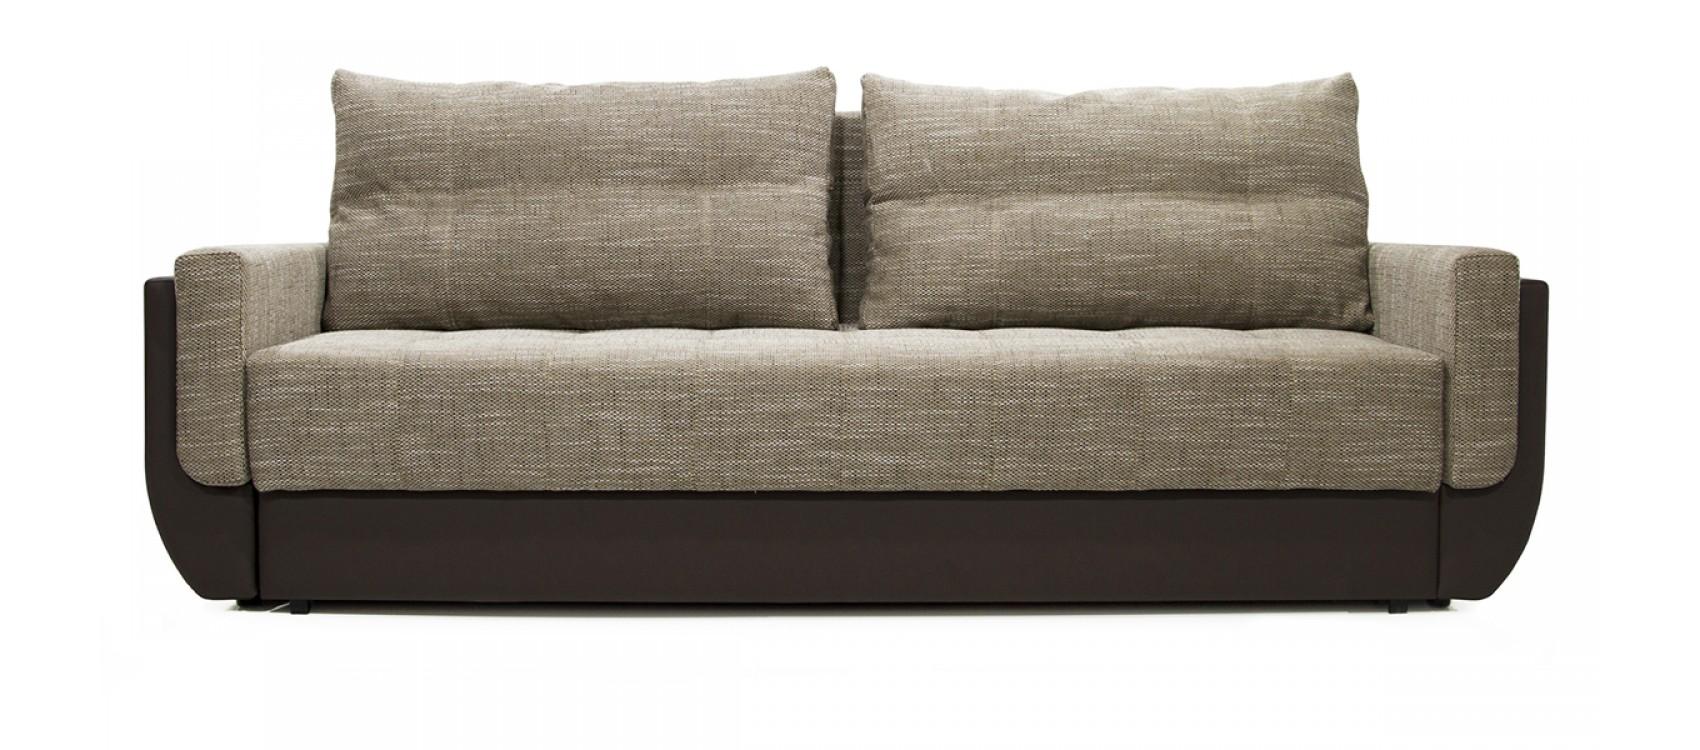 Sofa FAVORITE foto 1